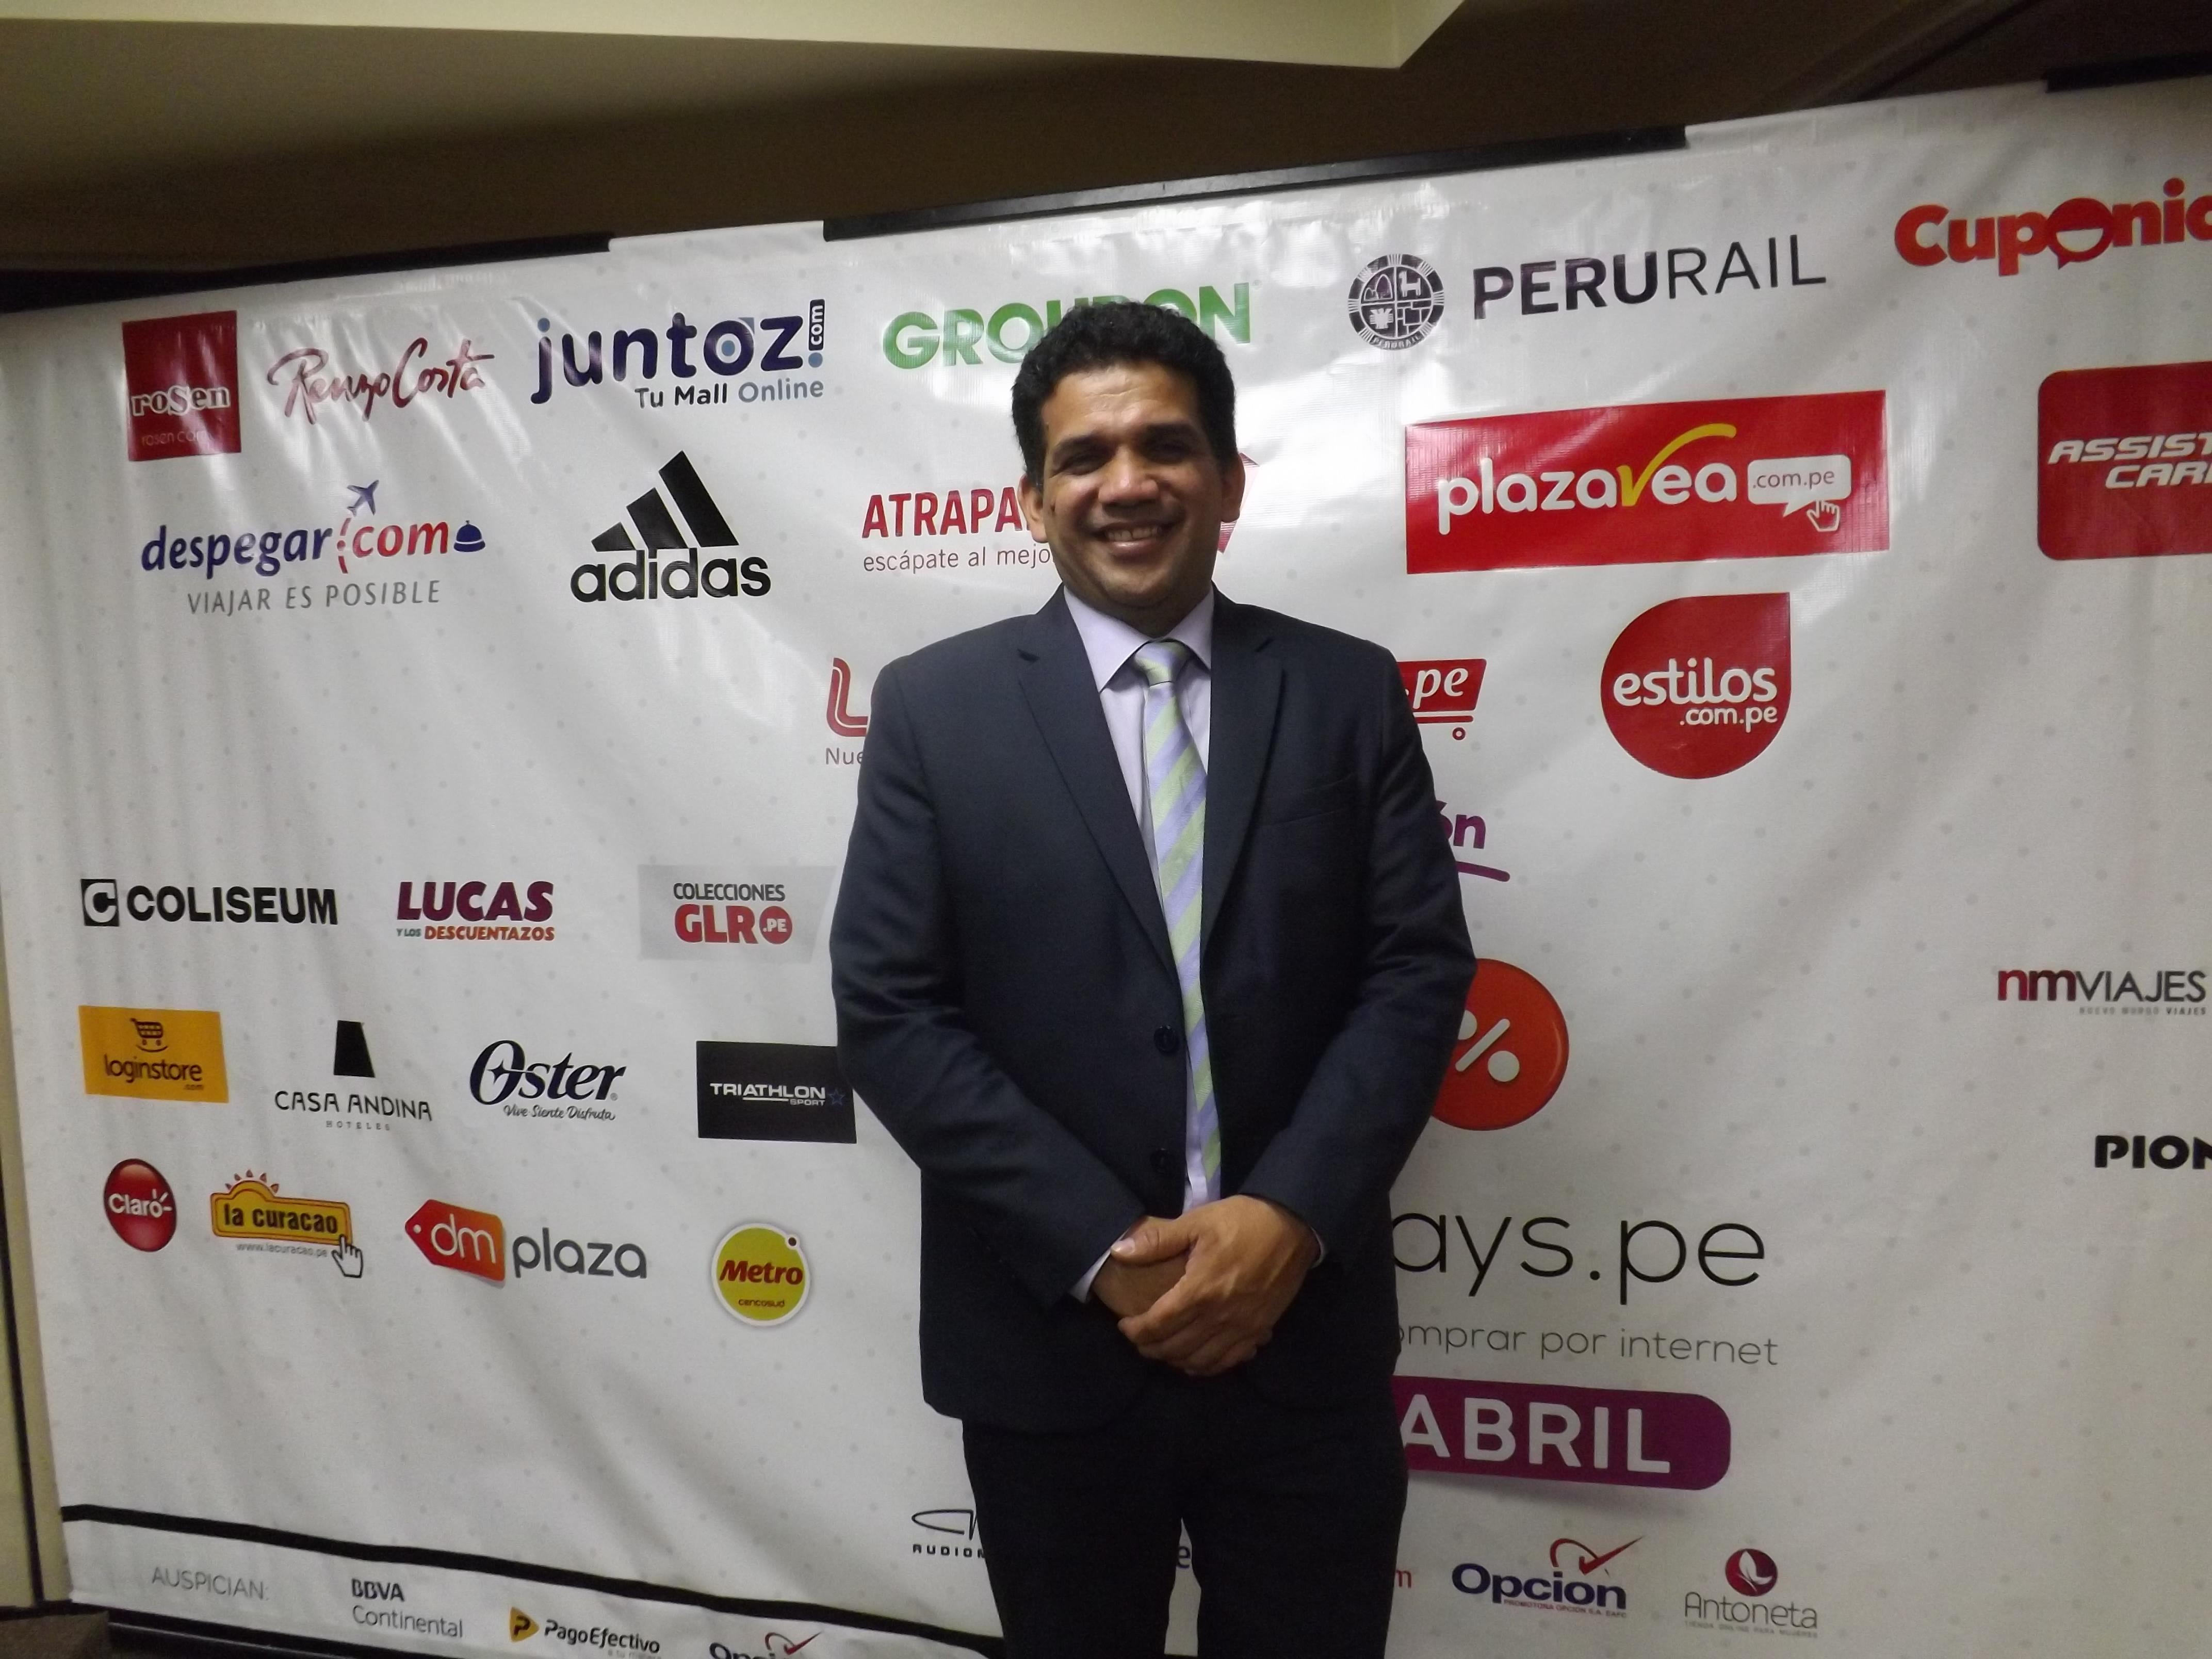 Jaime Montenegro2 - Cyber Days 2018: Comercio electrónico movería US$ 3.000 millones en Perú este año